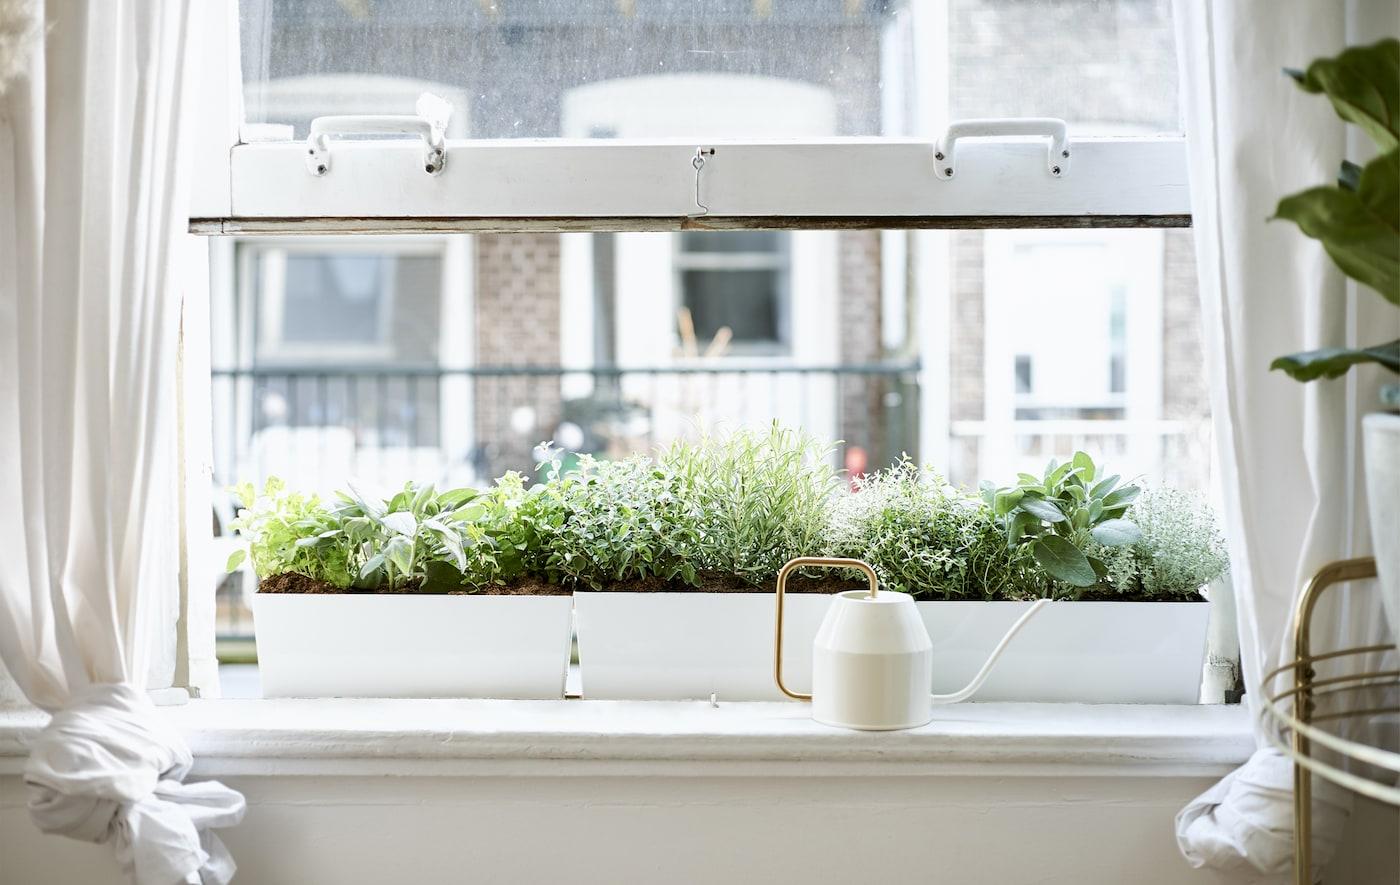 نافذة مفتوحة بها إبريق سقي لون كريم وذهبي على حافة نافذة بيضاء أمام صندوق نافذة مملوء بالنباتات.